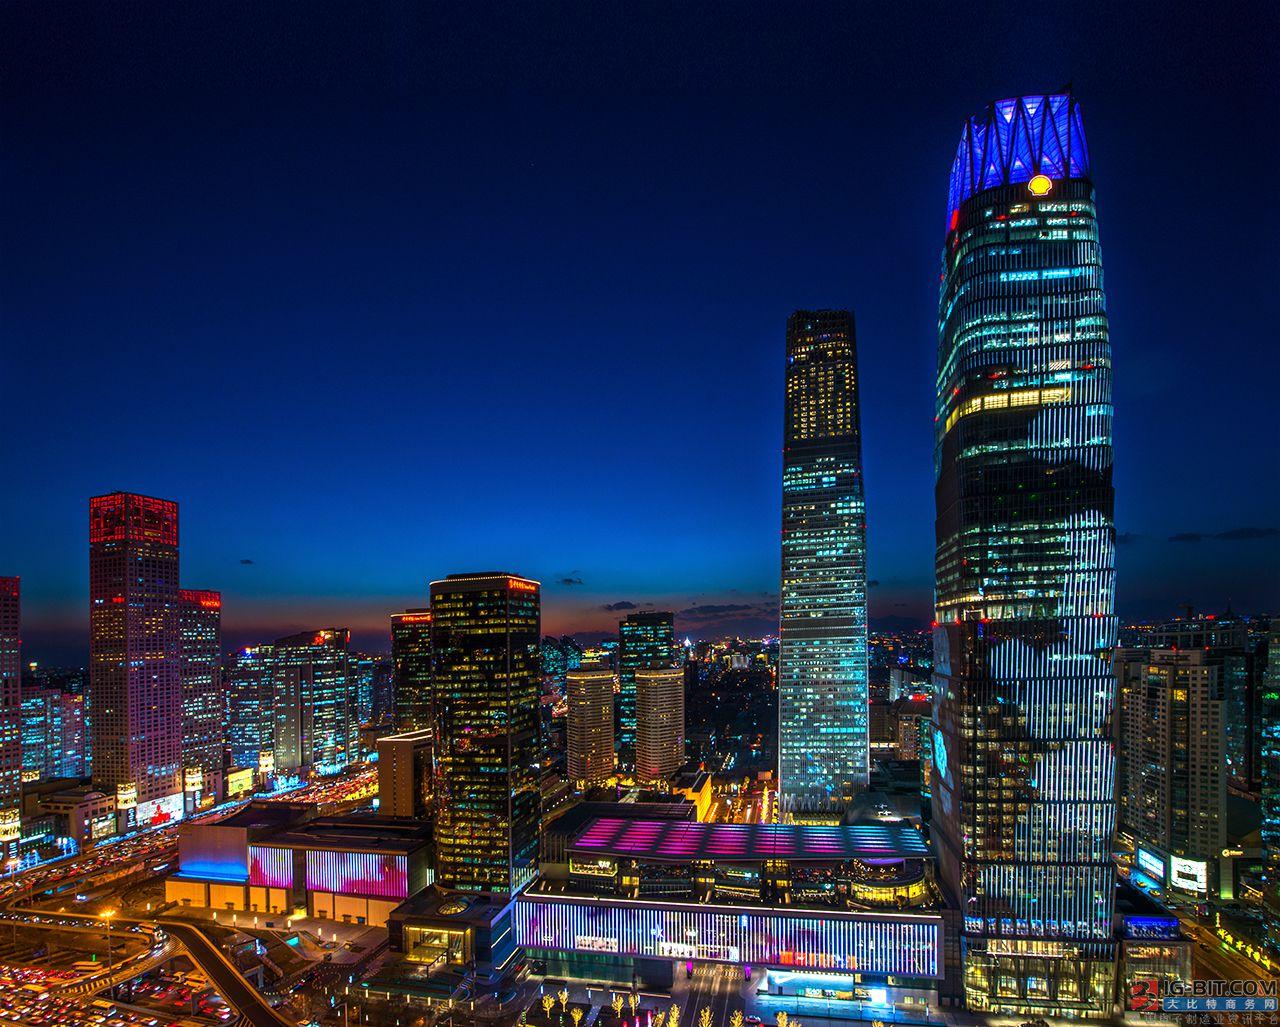 昕诺飞点亮中国国际贸易中心 打造全球领先中央商务区